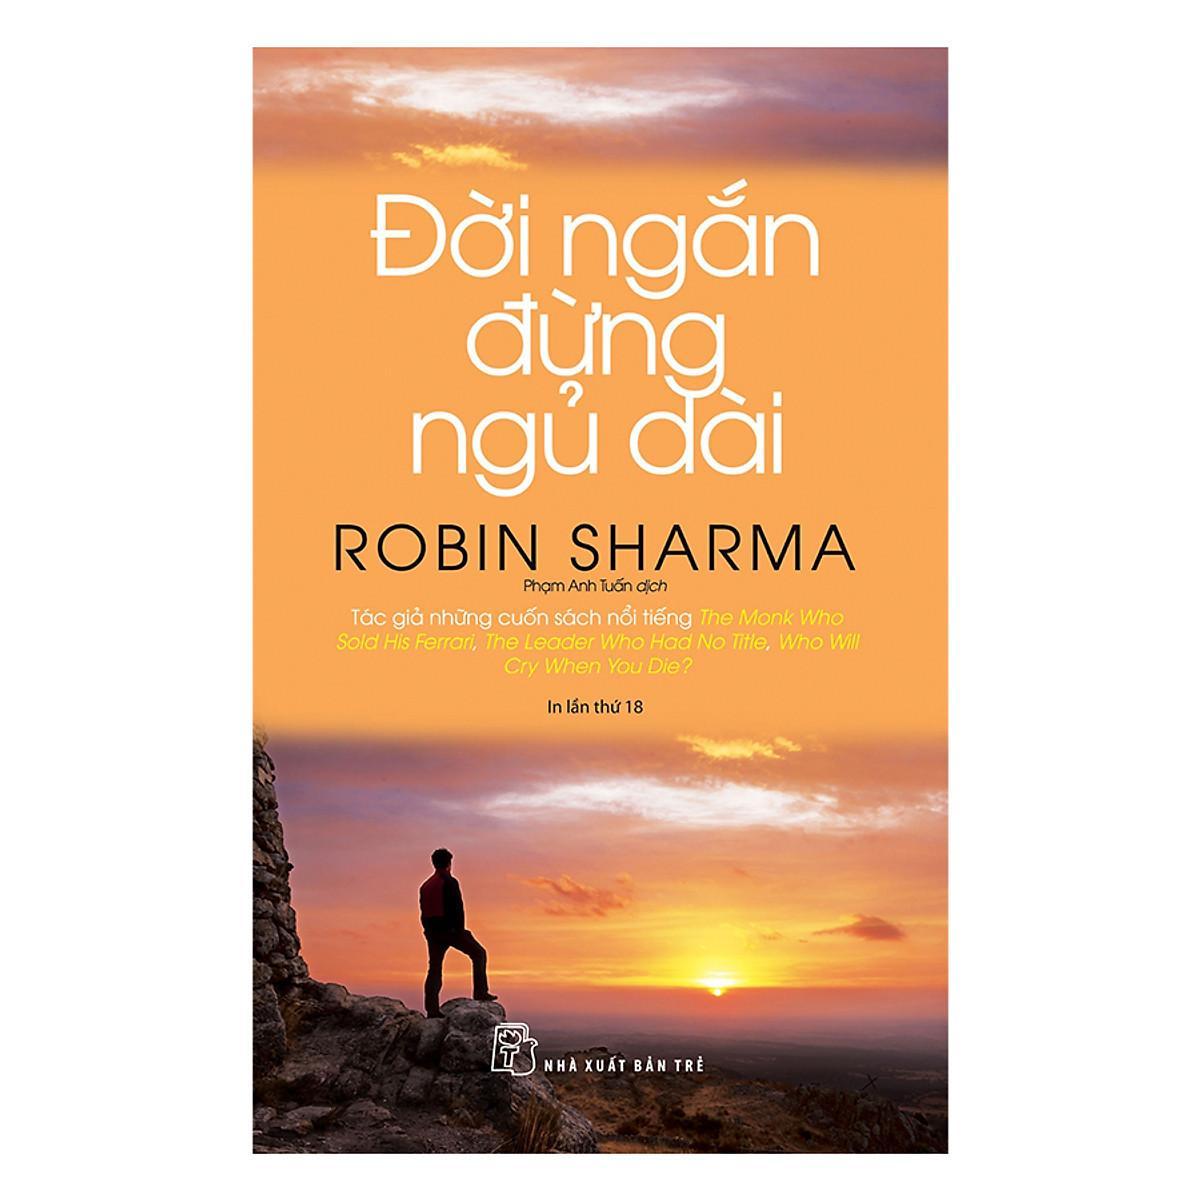 Đánh giá Sách Đời ngắn đừng ngủ dài của Robin Sharma